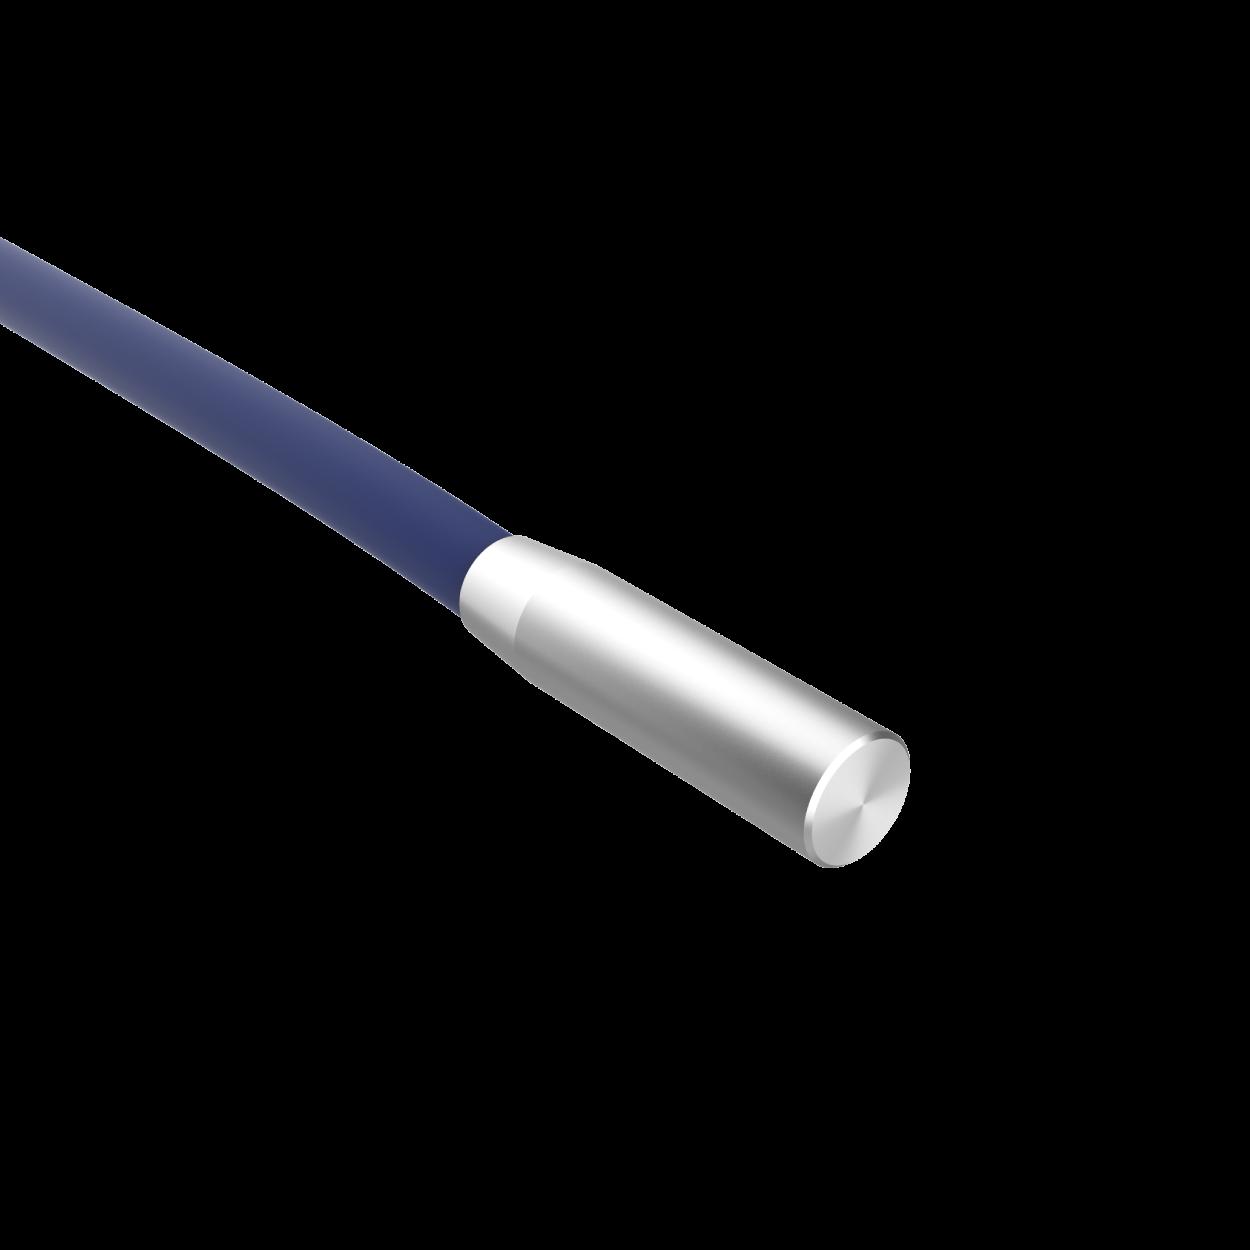 E710_misuratore_temperatura